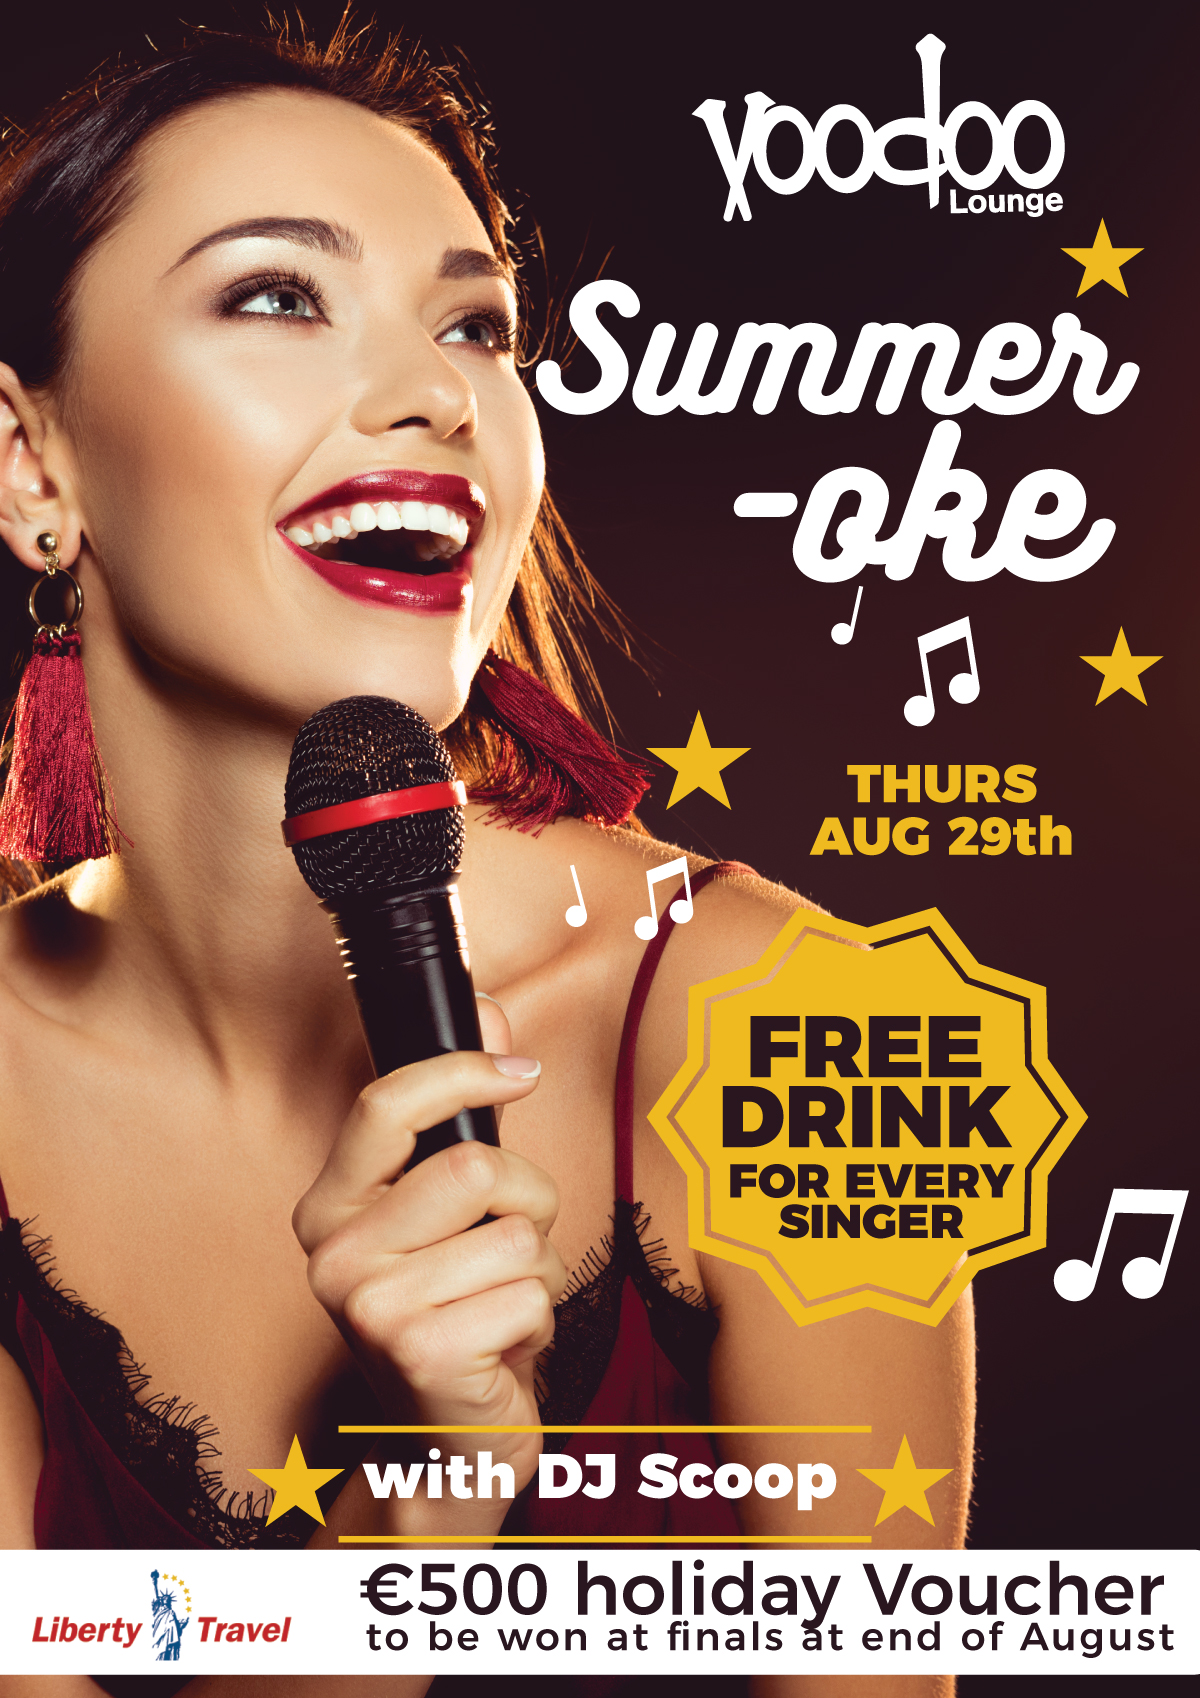 voodoo-lounge---summer-karaoke-with-dj-scoop-thurs-aug-29-2019.jpg